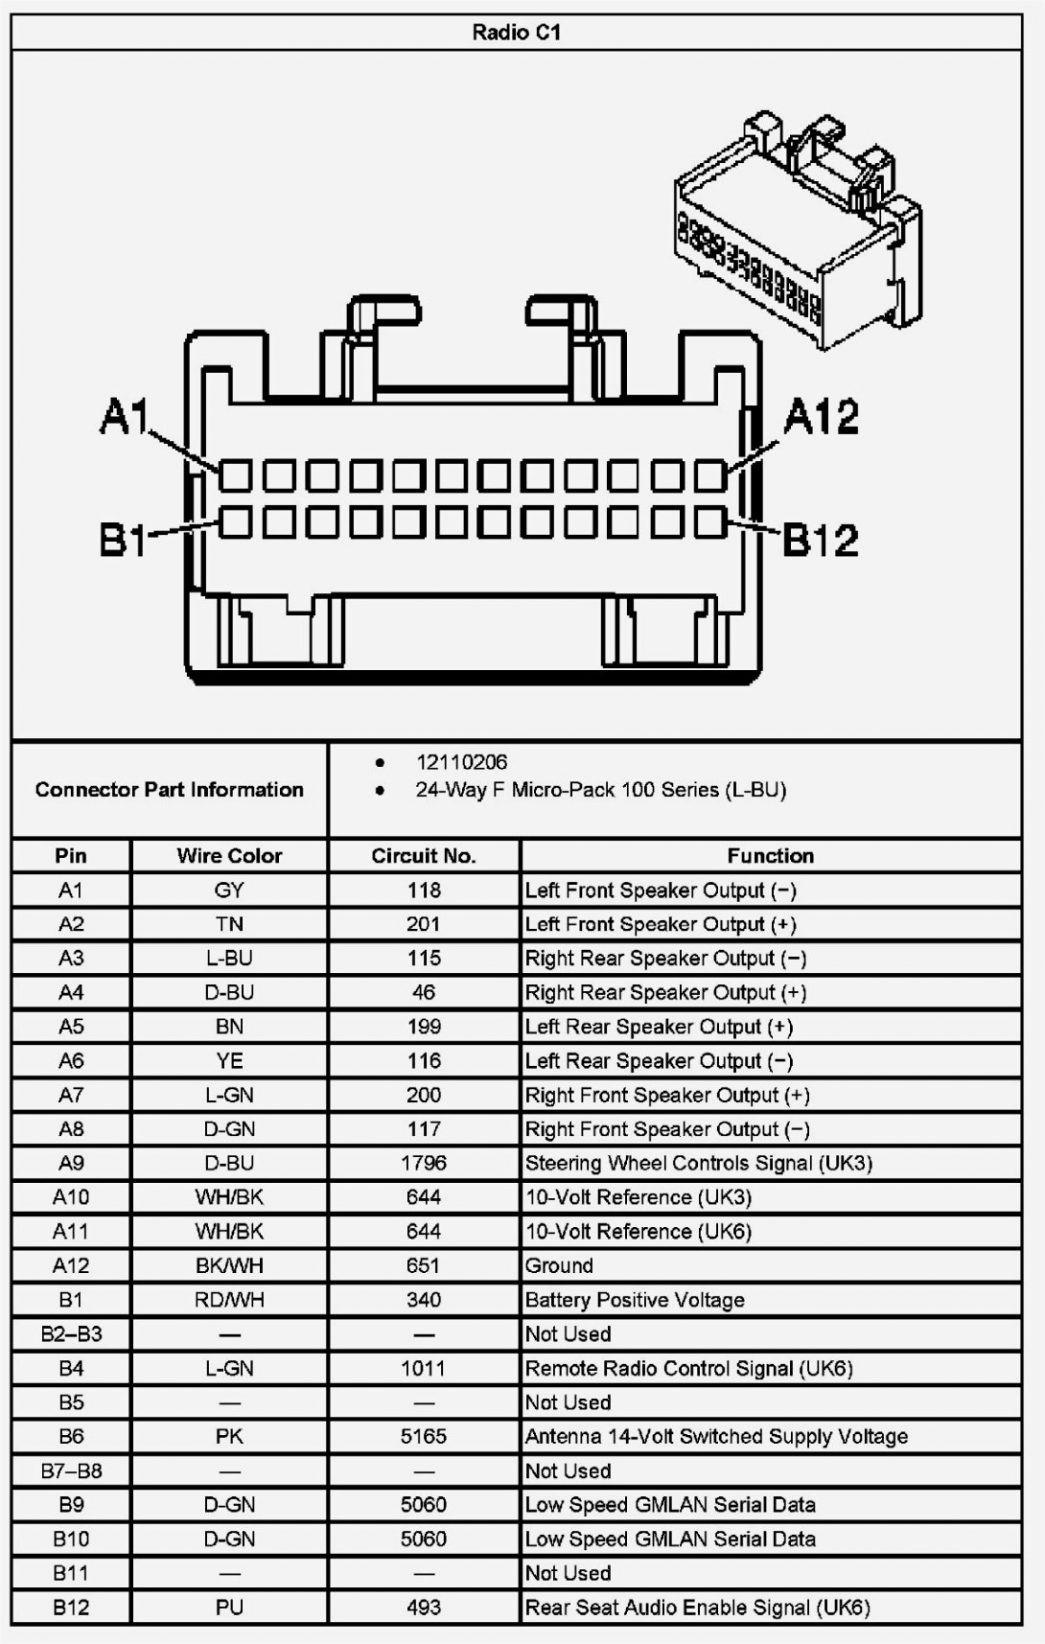 Diagram Jvc Kd G340 Wiring Harness Diagram Full Version Hd Quality Harness Diagram M12wiring148 Eliasvapo It